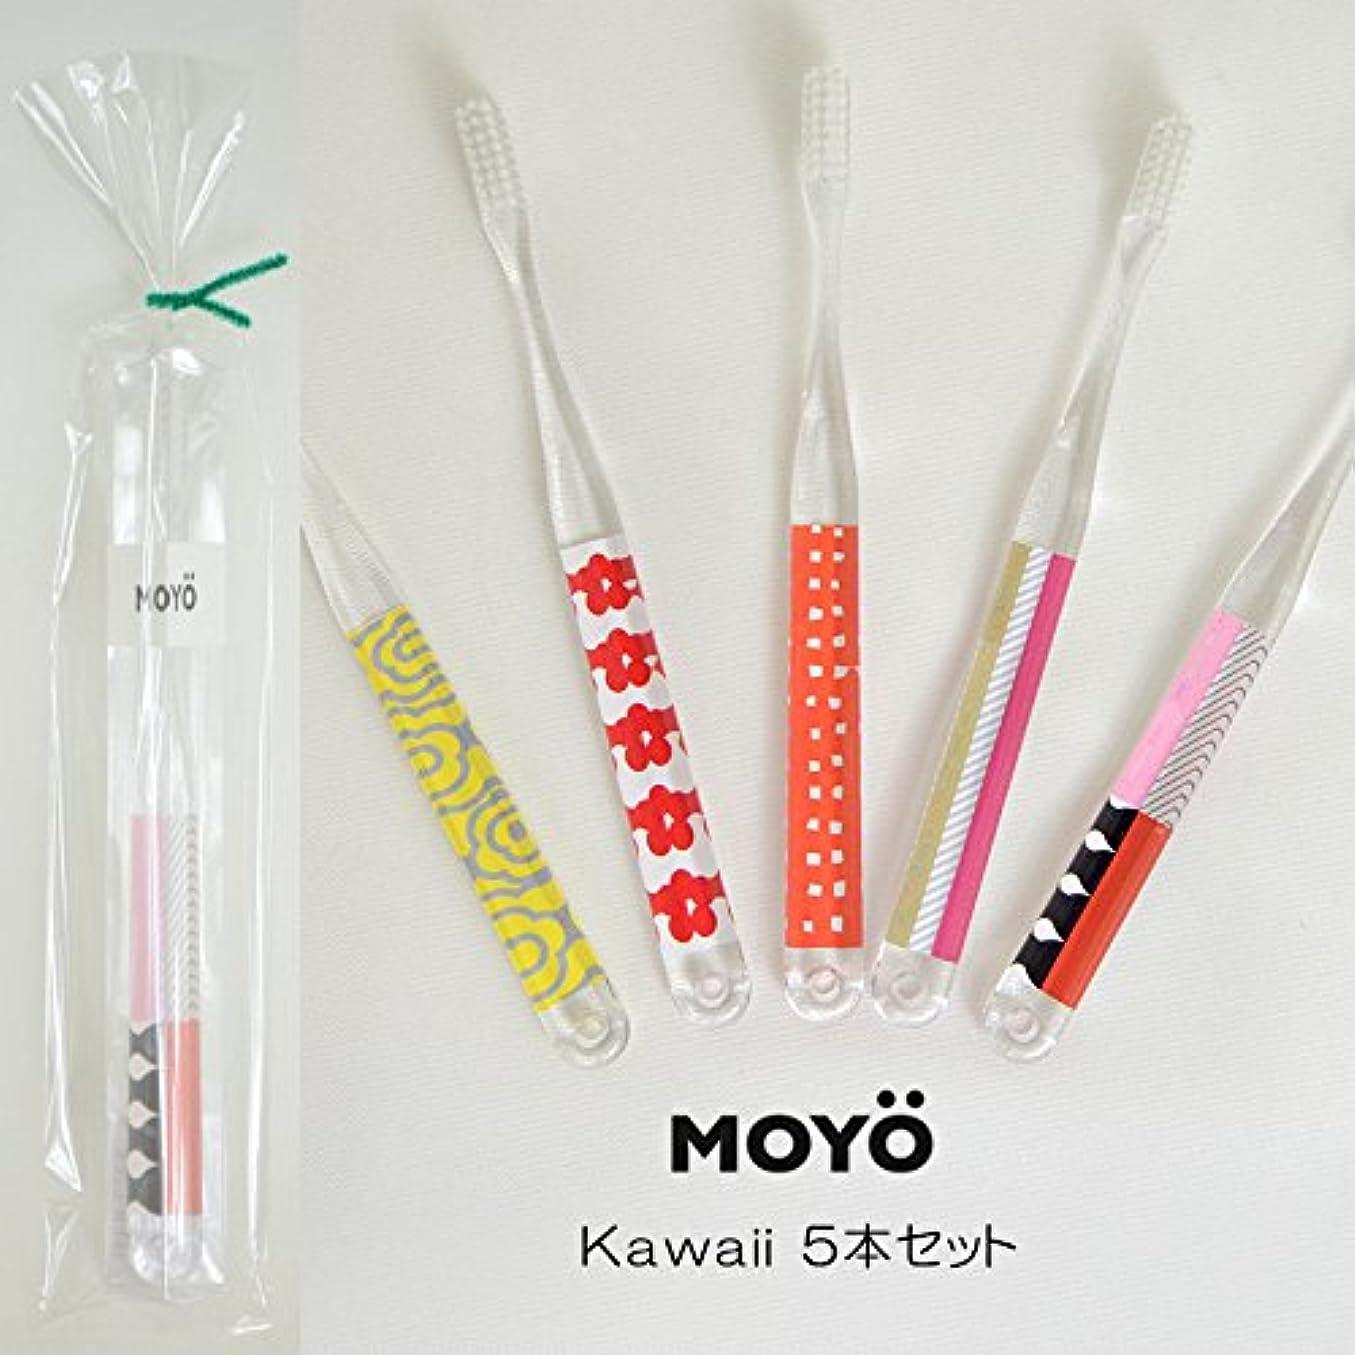 高潔なお意欲MOYO モヨウ 歯ブラシ kawaii5本 プチ ギフト セット_562302-kawaii 【F】,kawaii5本セット